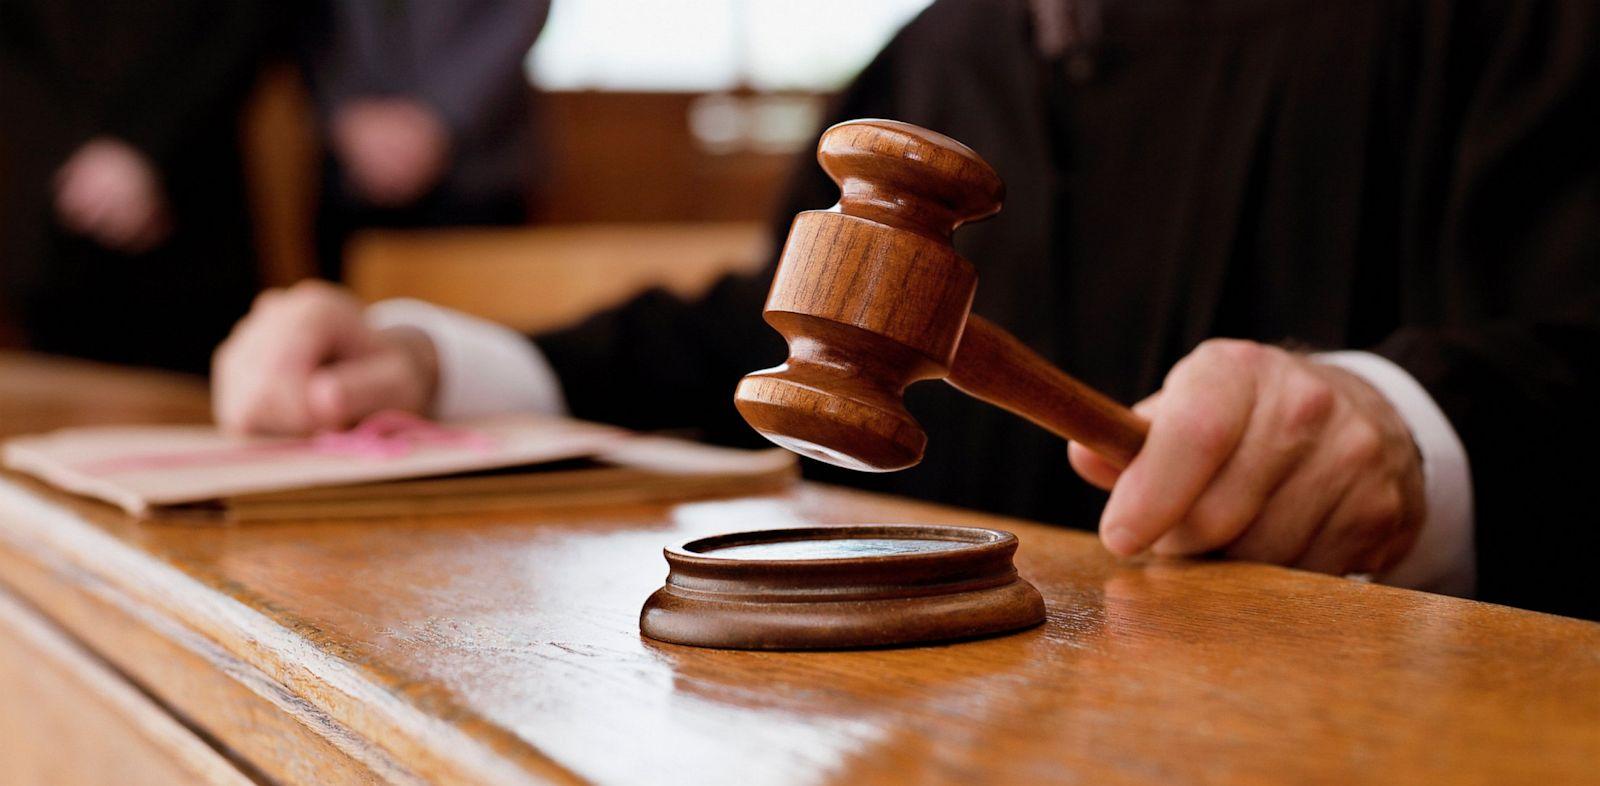 Khalilur murder case: 2 to die, 4 get life term